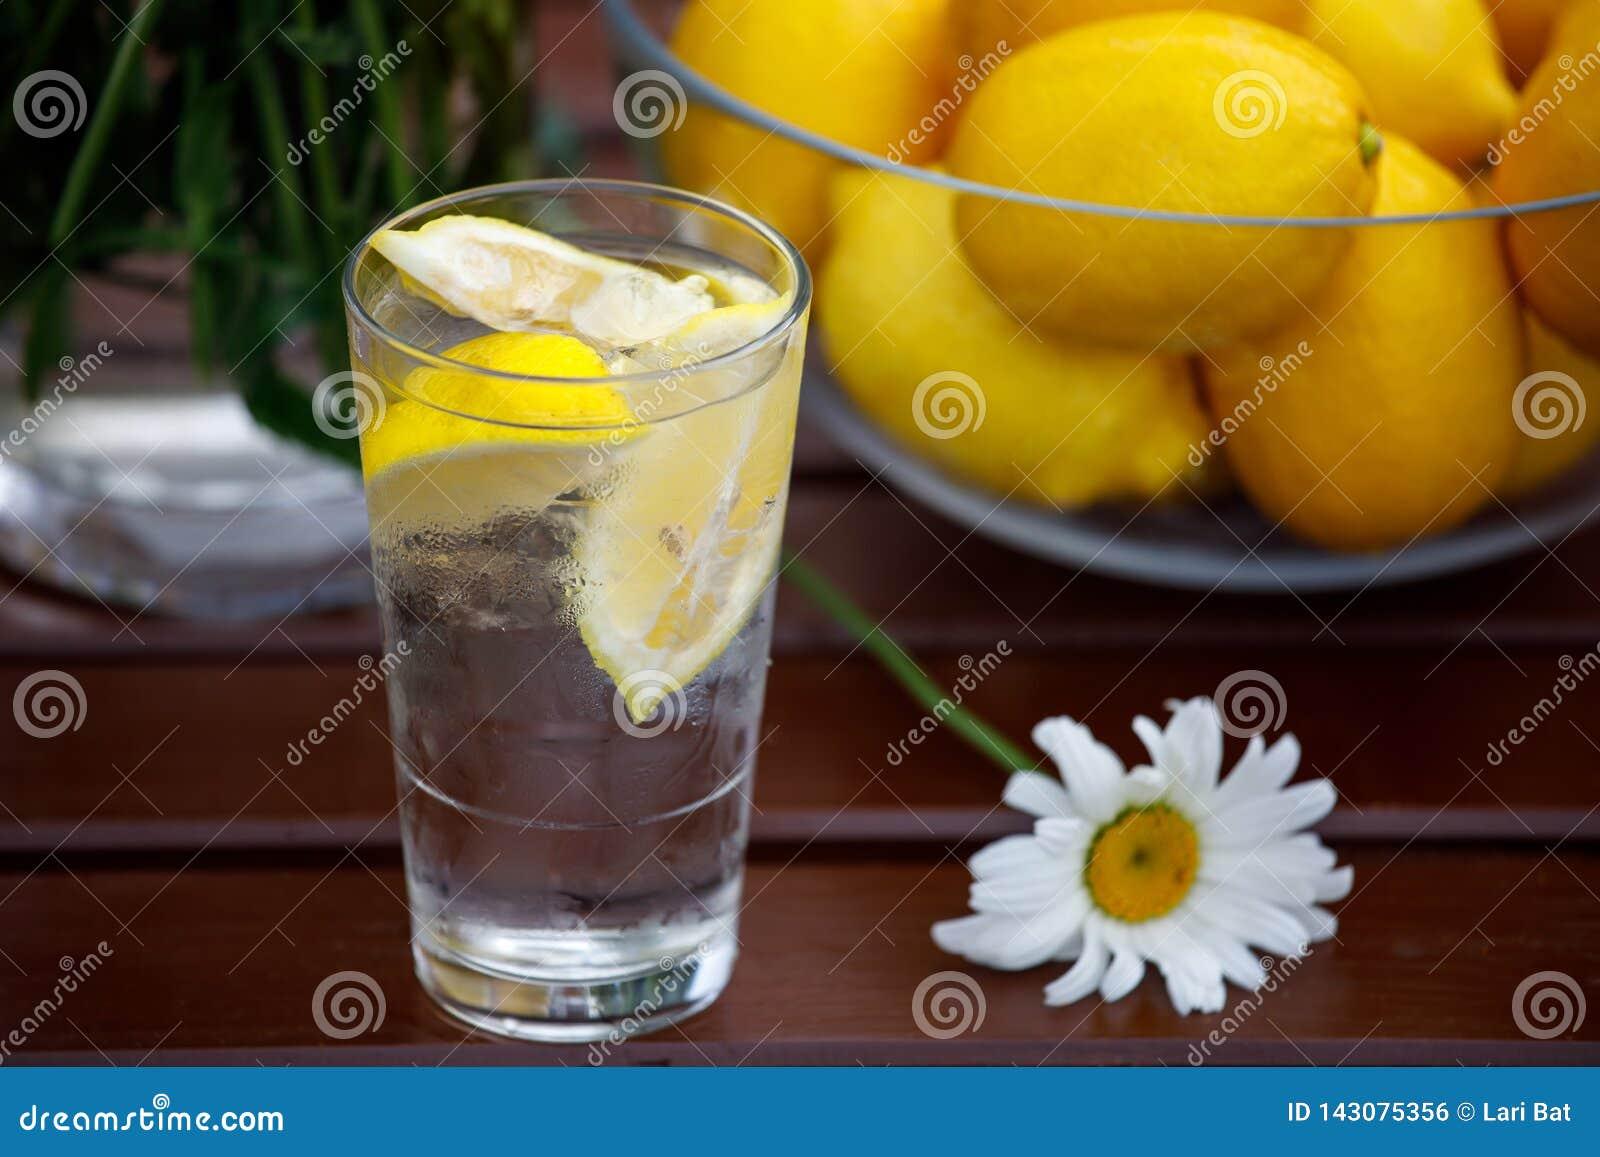 Sur une table en bois sont un verre de l eau avec le citron et un vase de citrons